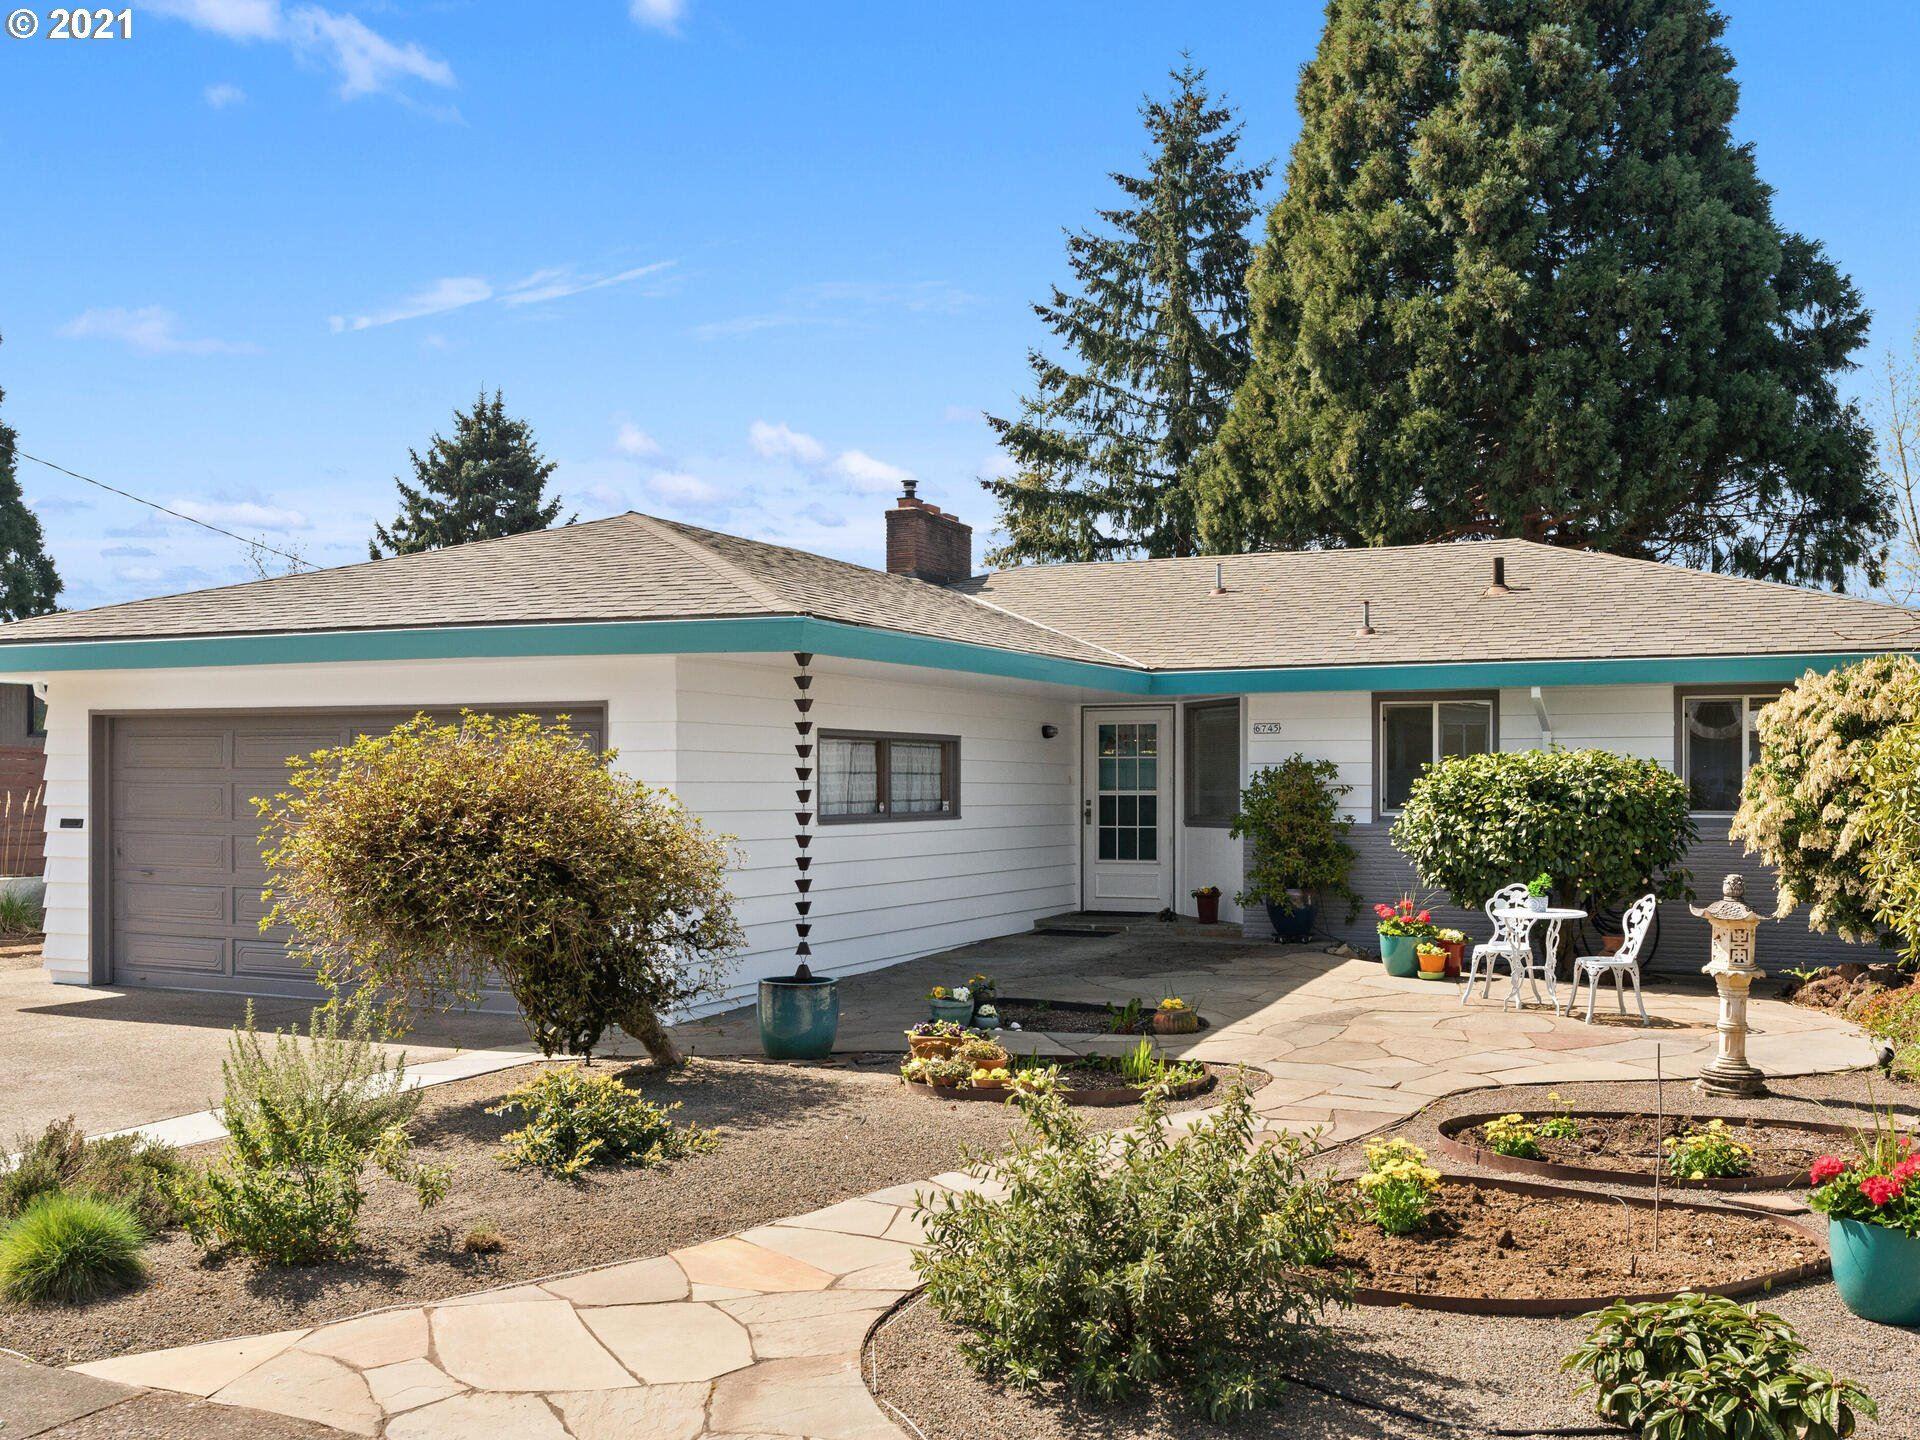 6745 SW 11TH DR, Portland, OR 97219 - MLS#: 21545434